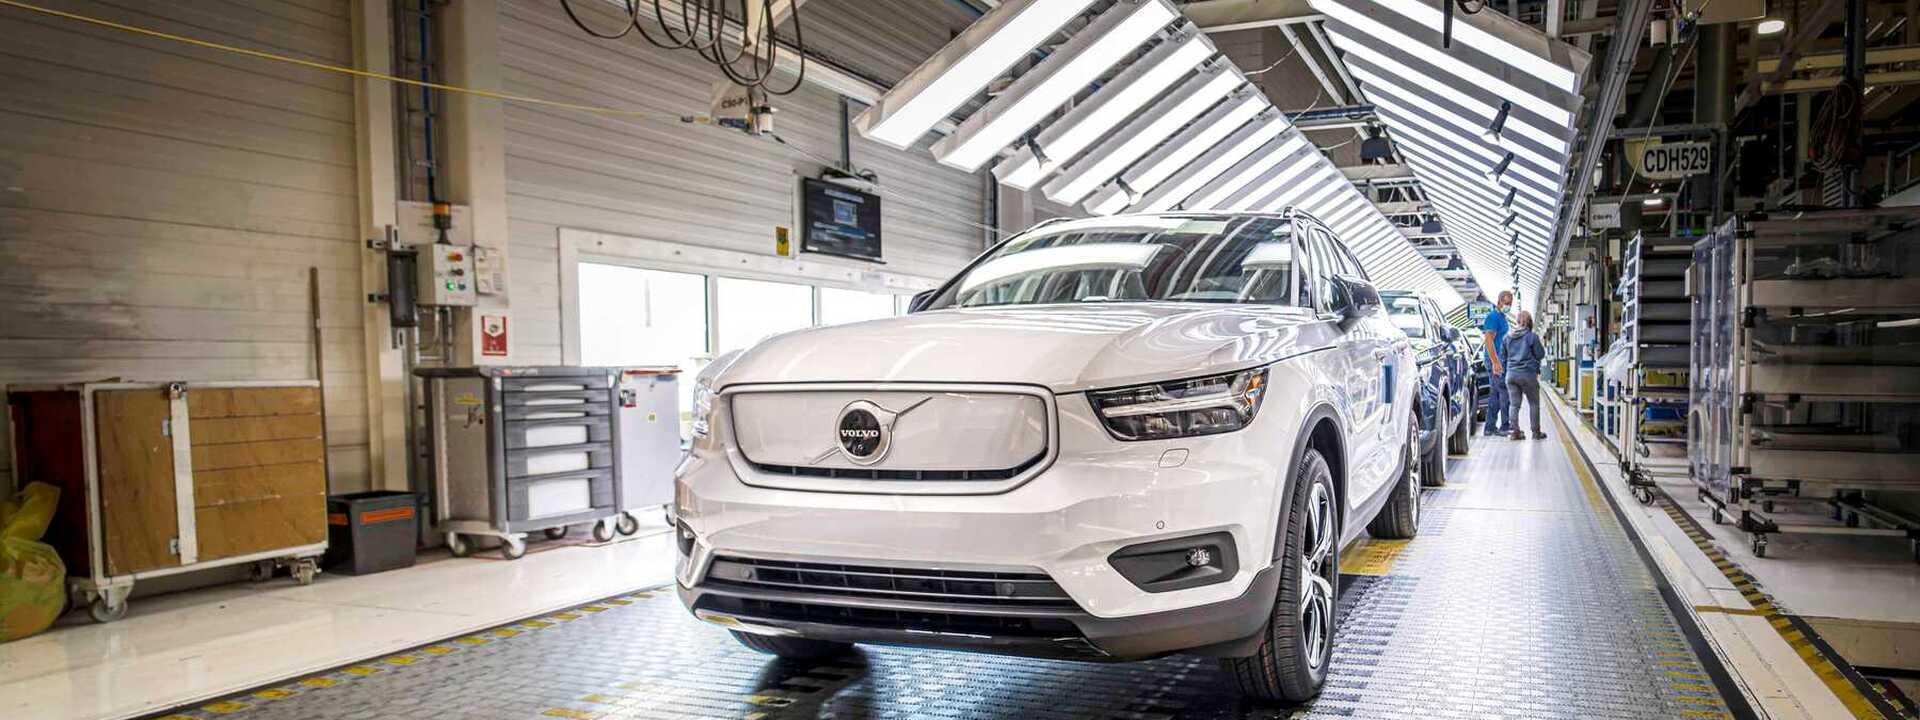 Volvo Cars gaat capaciteit voor elektrische wagens in Gent verdrievoudigen en produceert nieuw elektrisch model